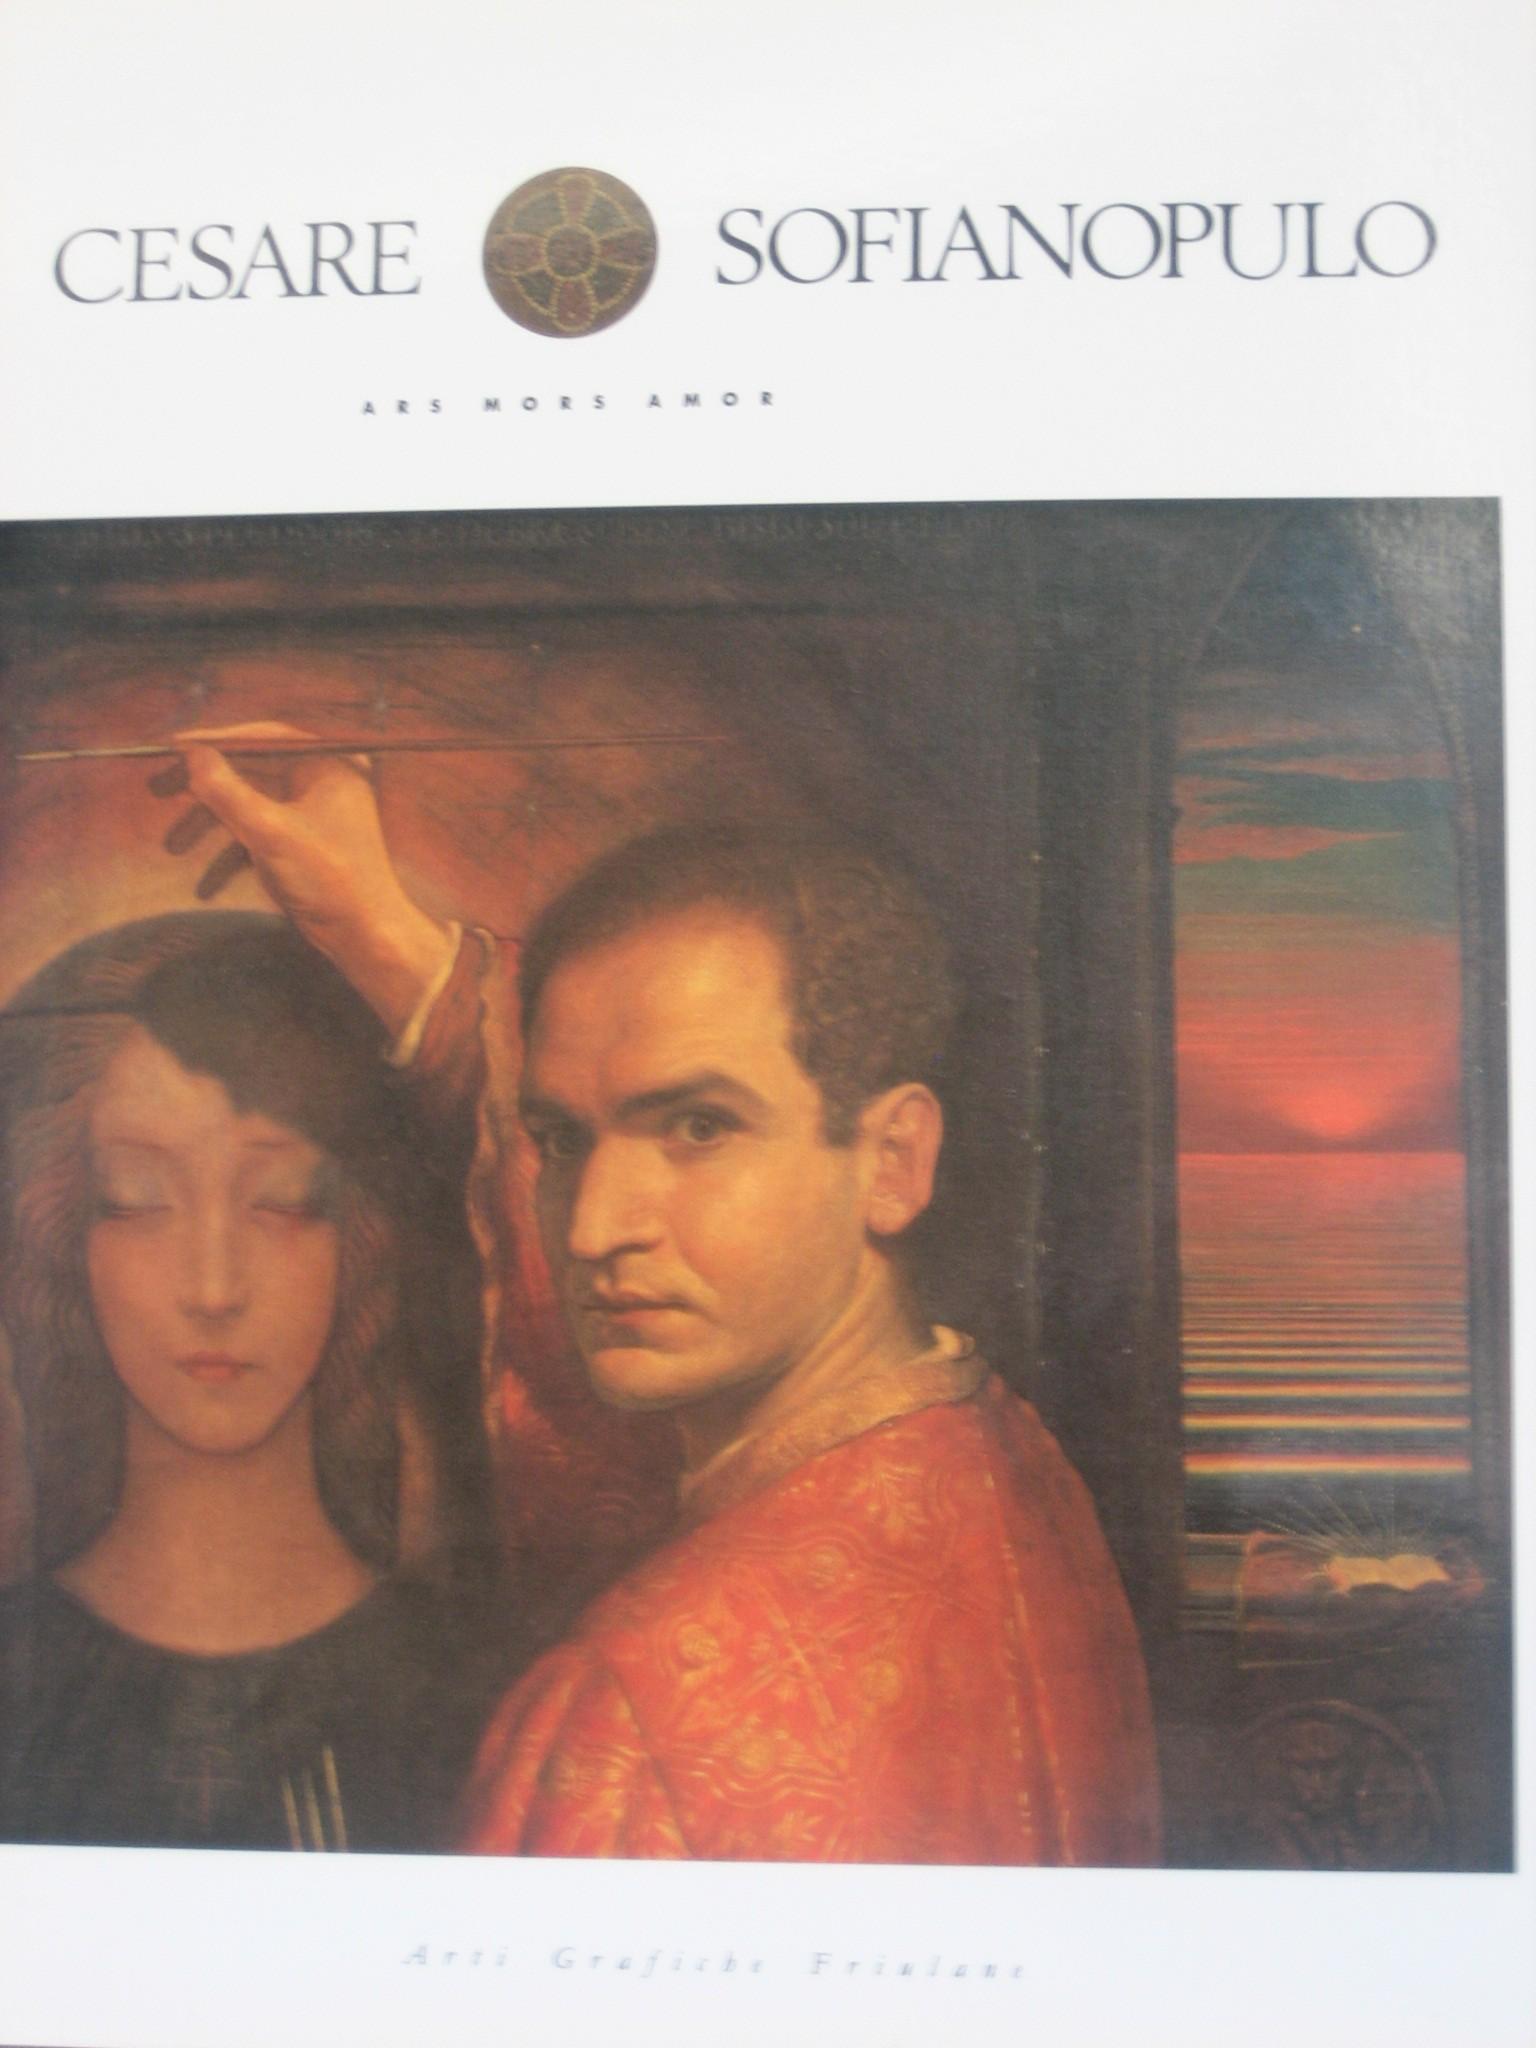 Cesare Sofianopulo